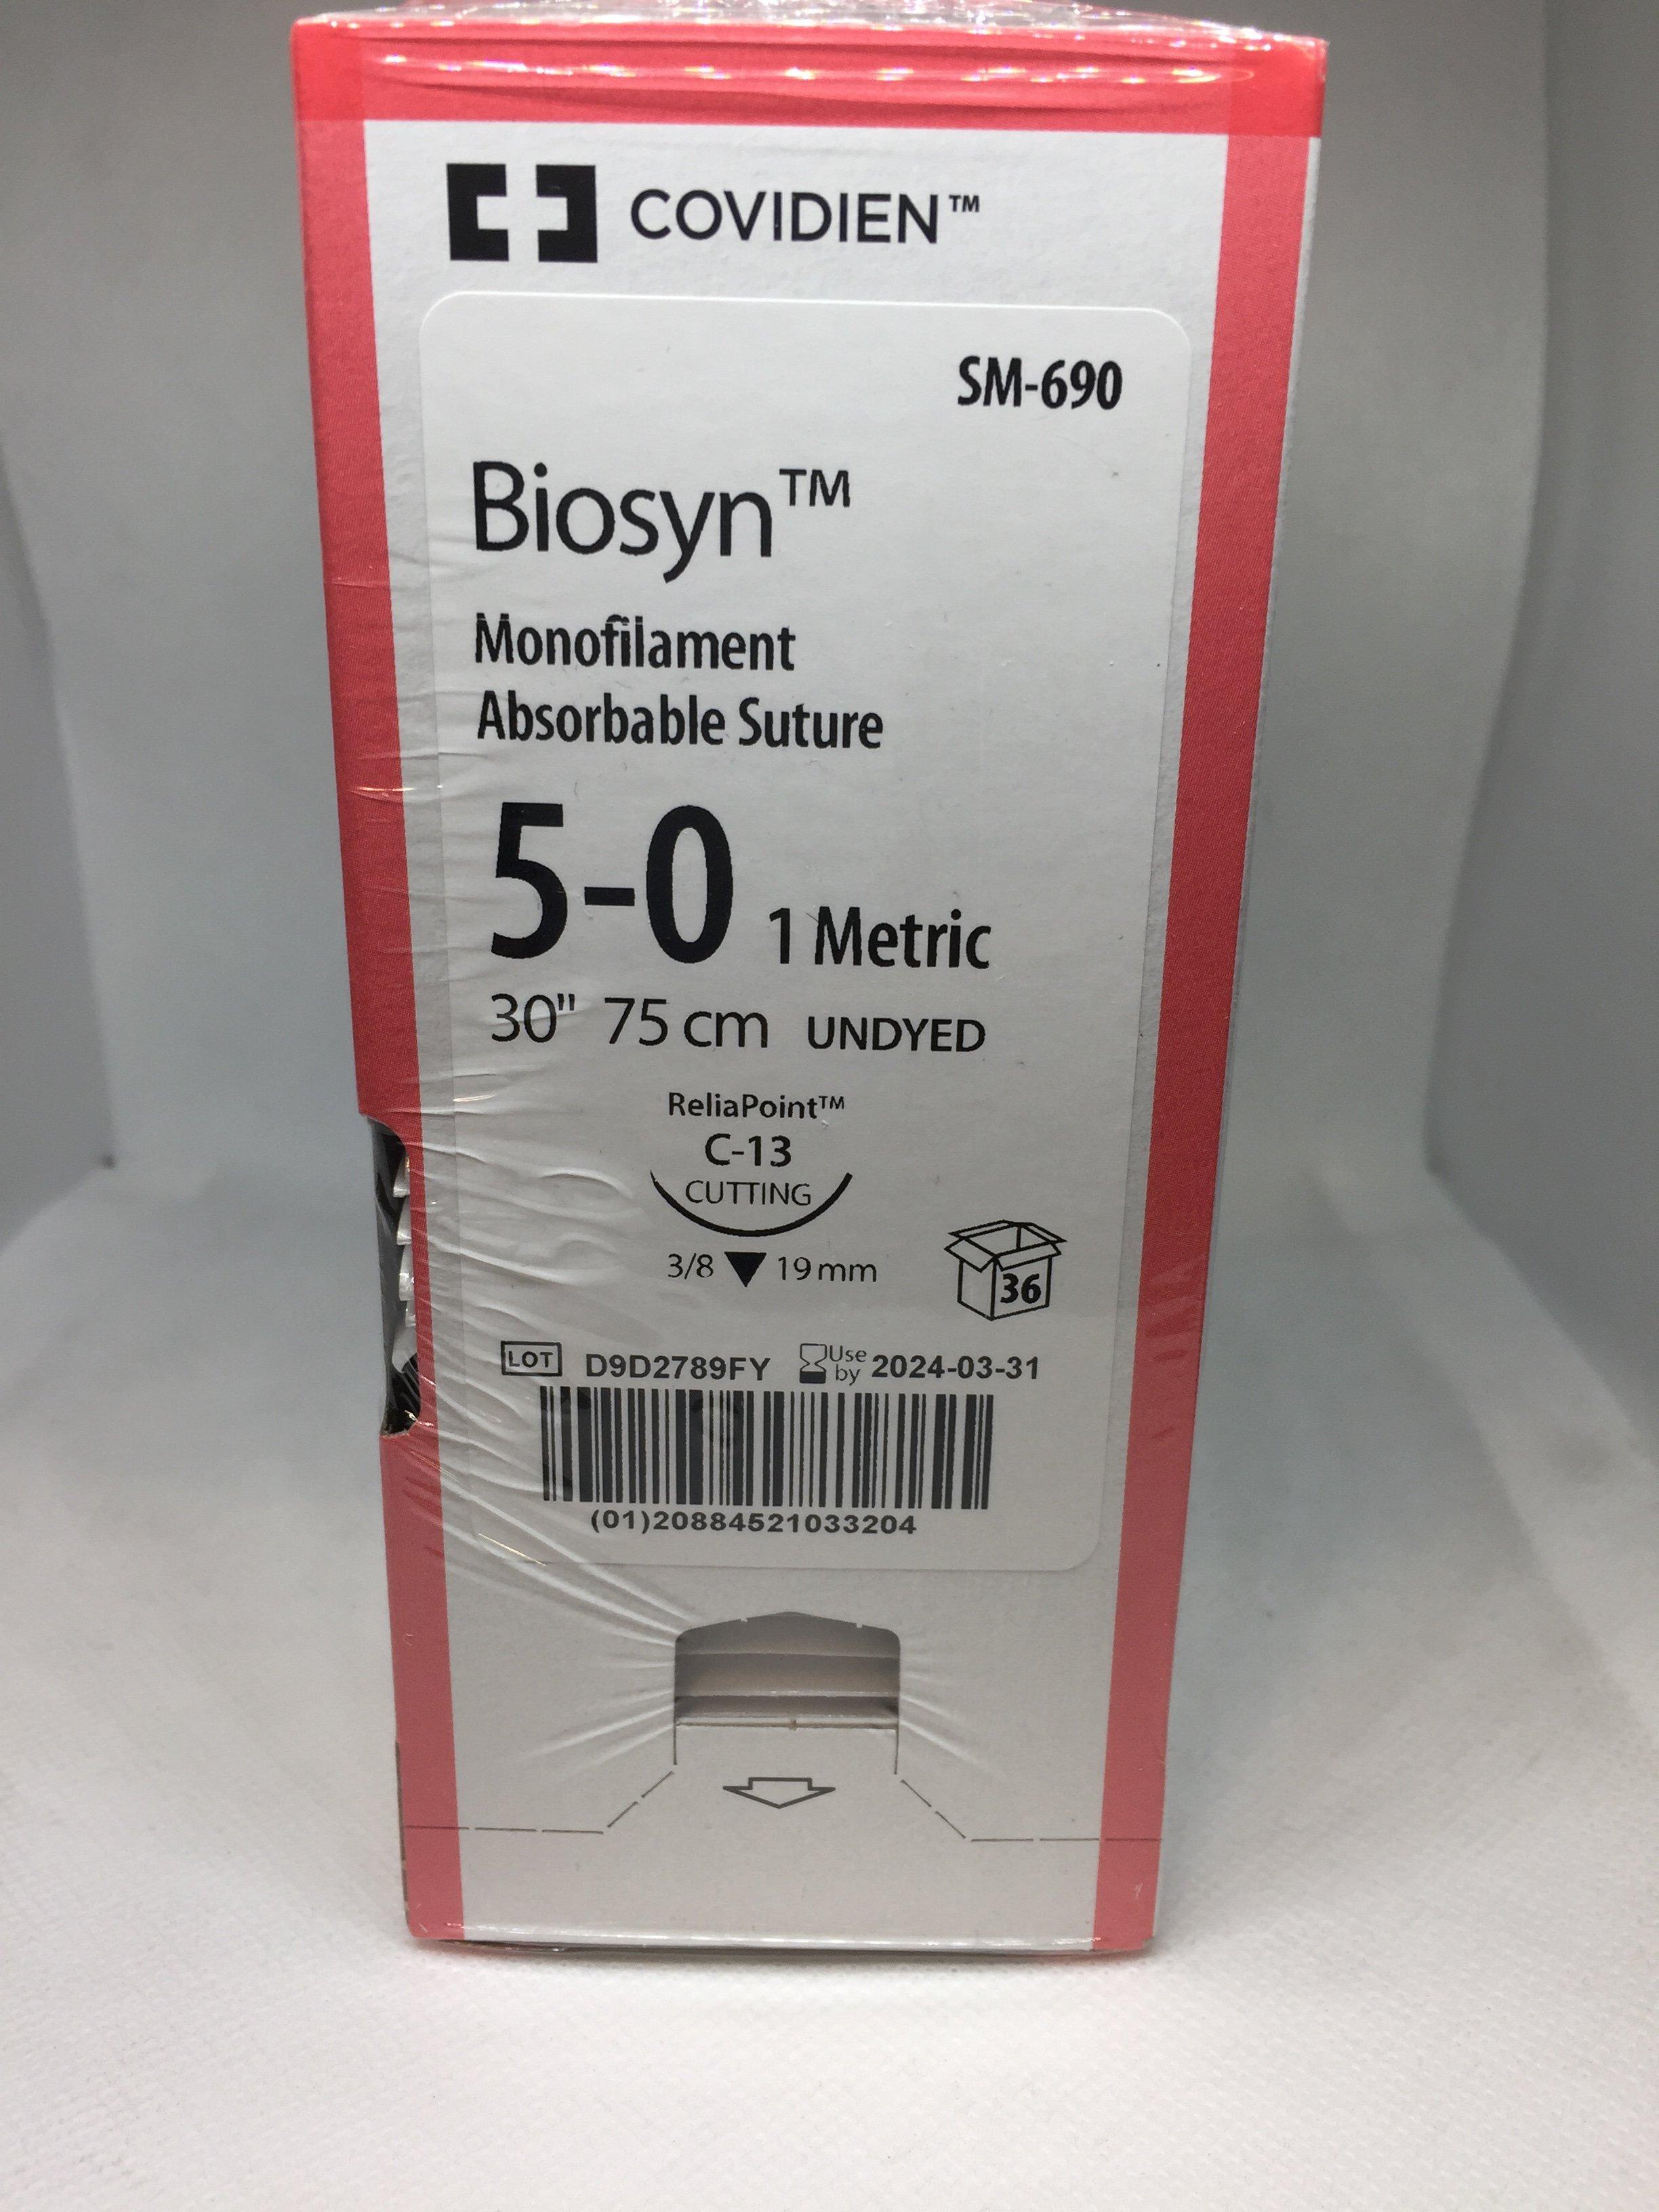 BIOSYN SUTURE UNDYED 5/0 C-13 19MM 75CM, 36